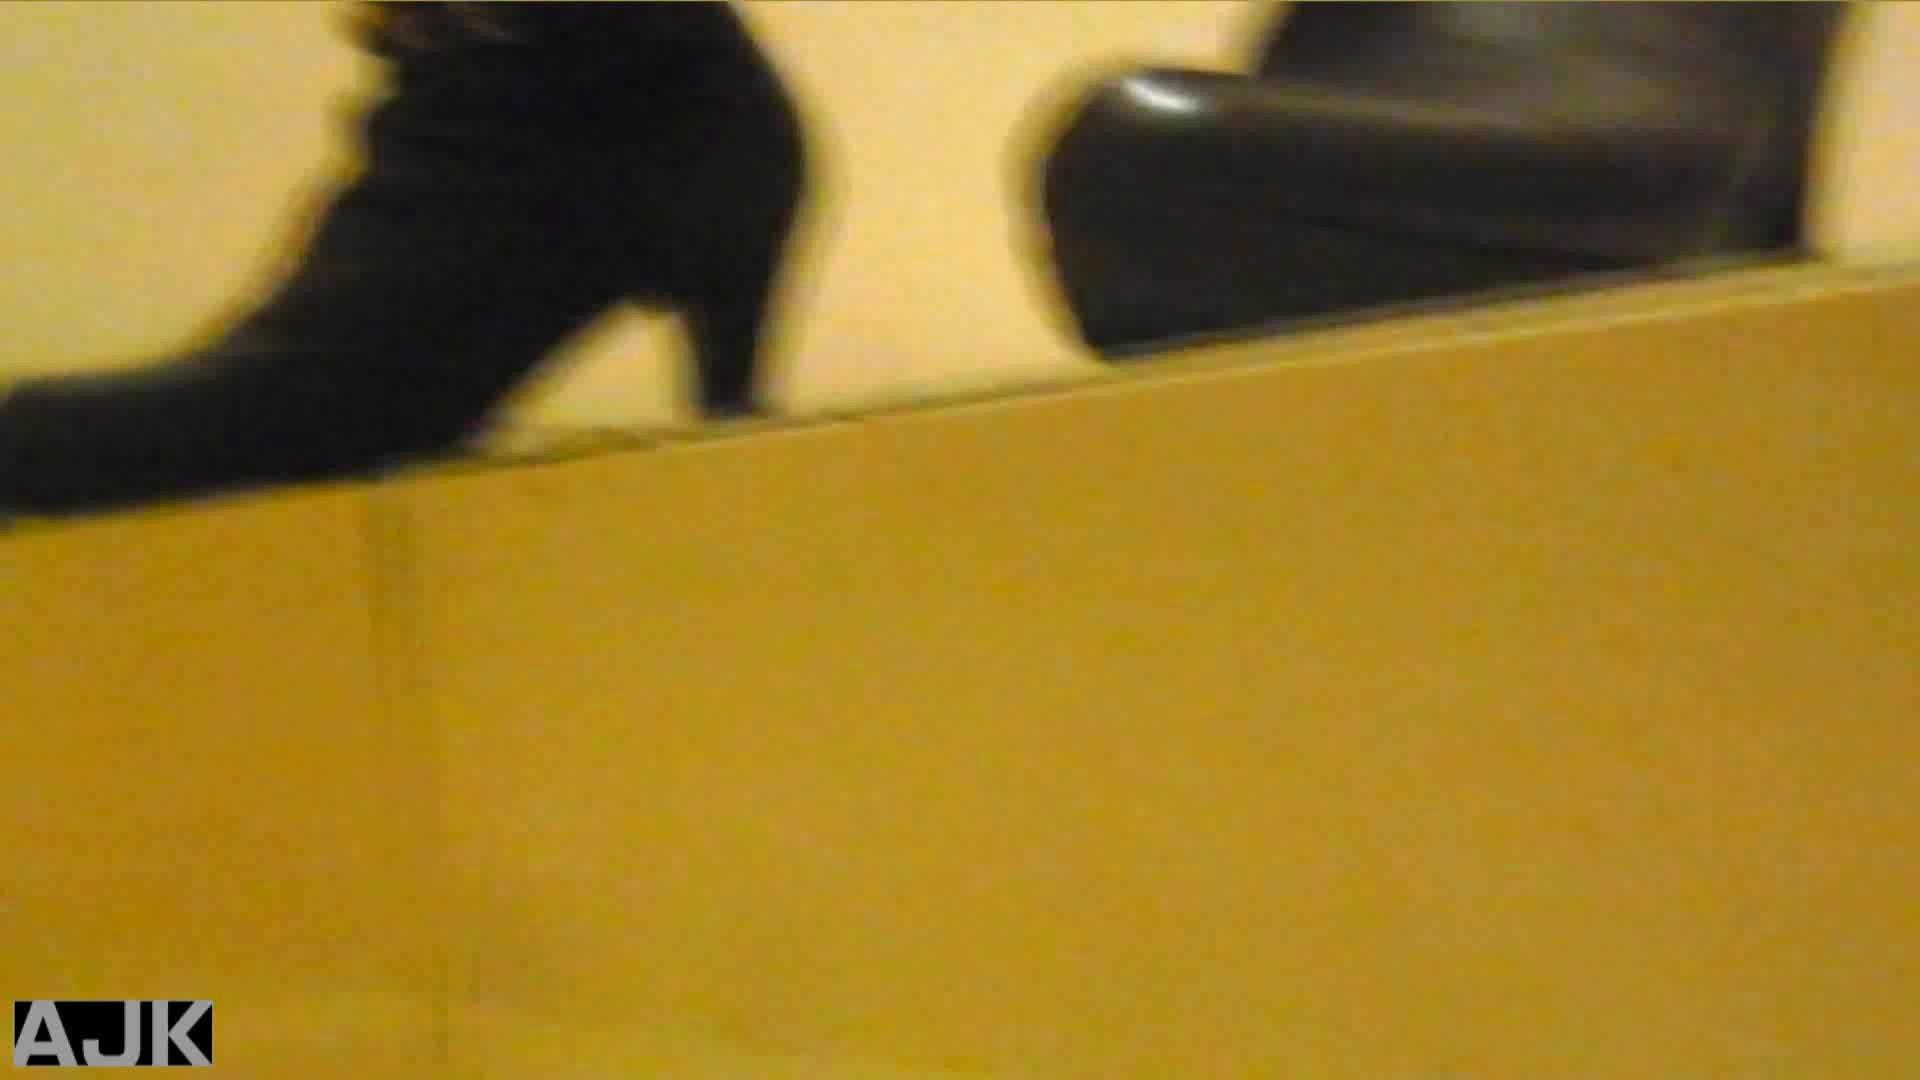 隣国上階級エリアの令嬢たちが集うデパートお手洗い Vol.03 お手洗い  98Pix 35